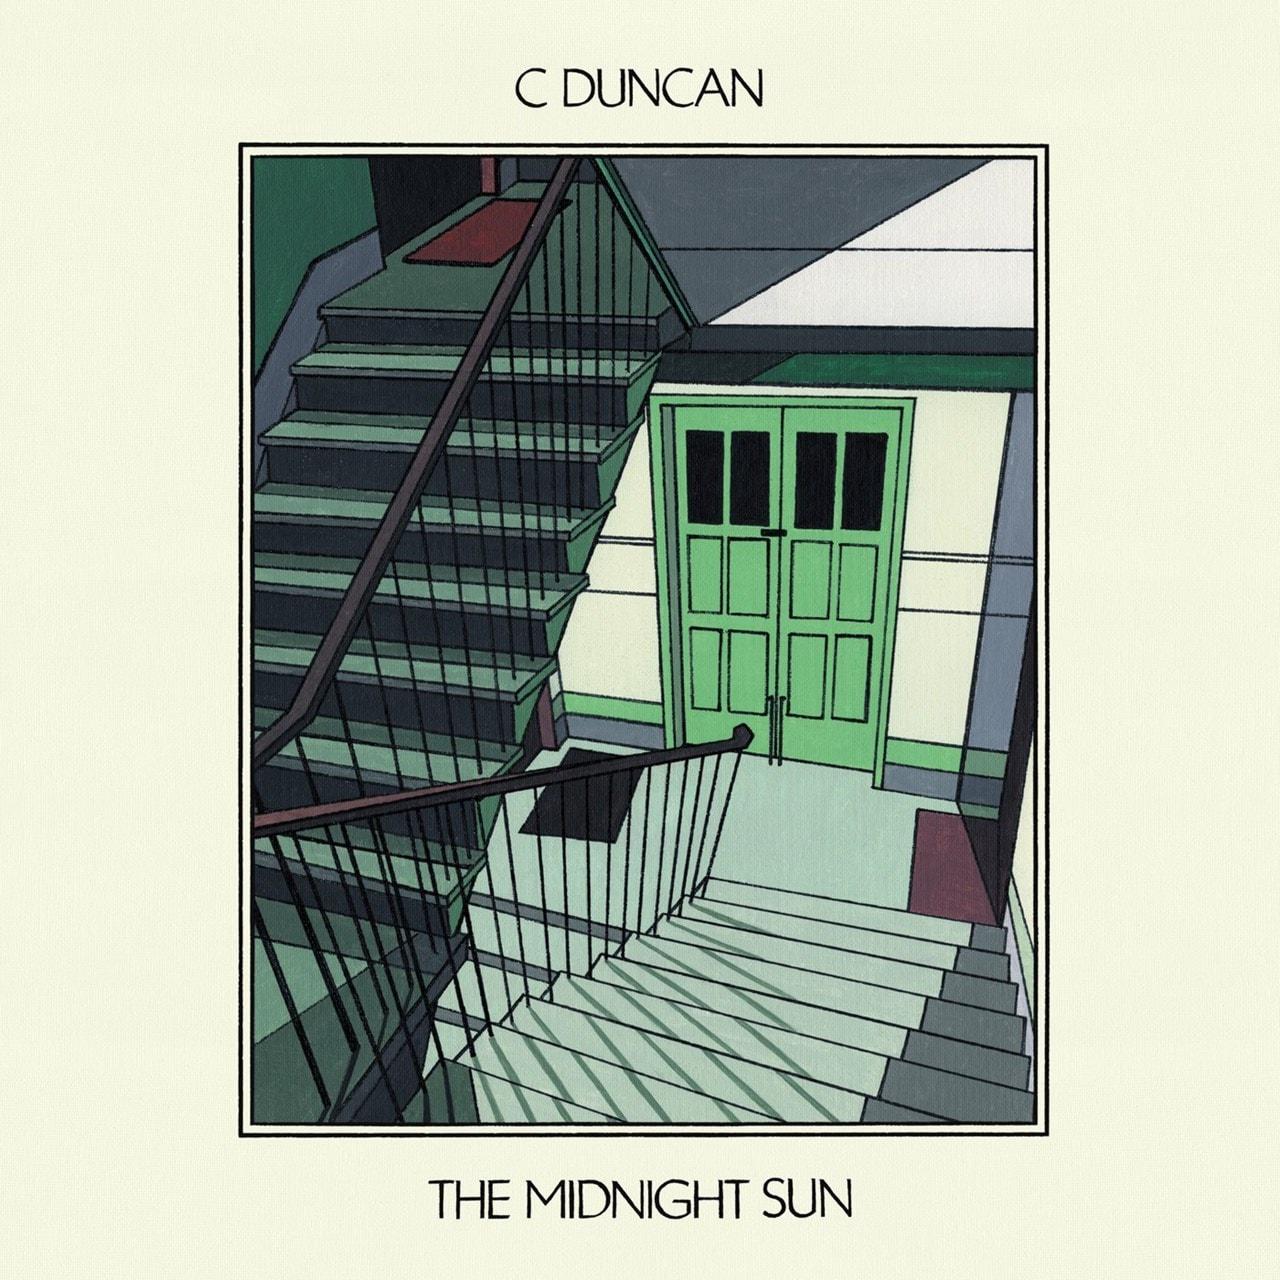 The Midnight Sun - 1